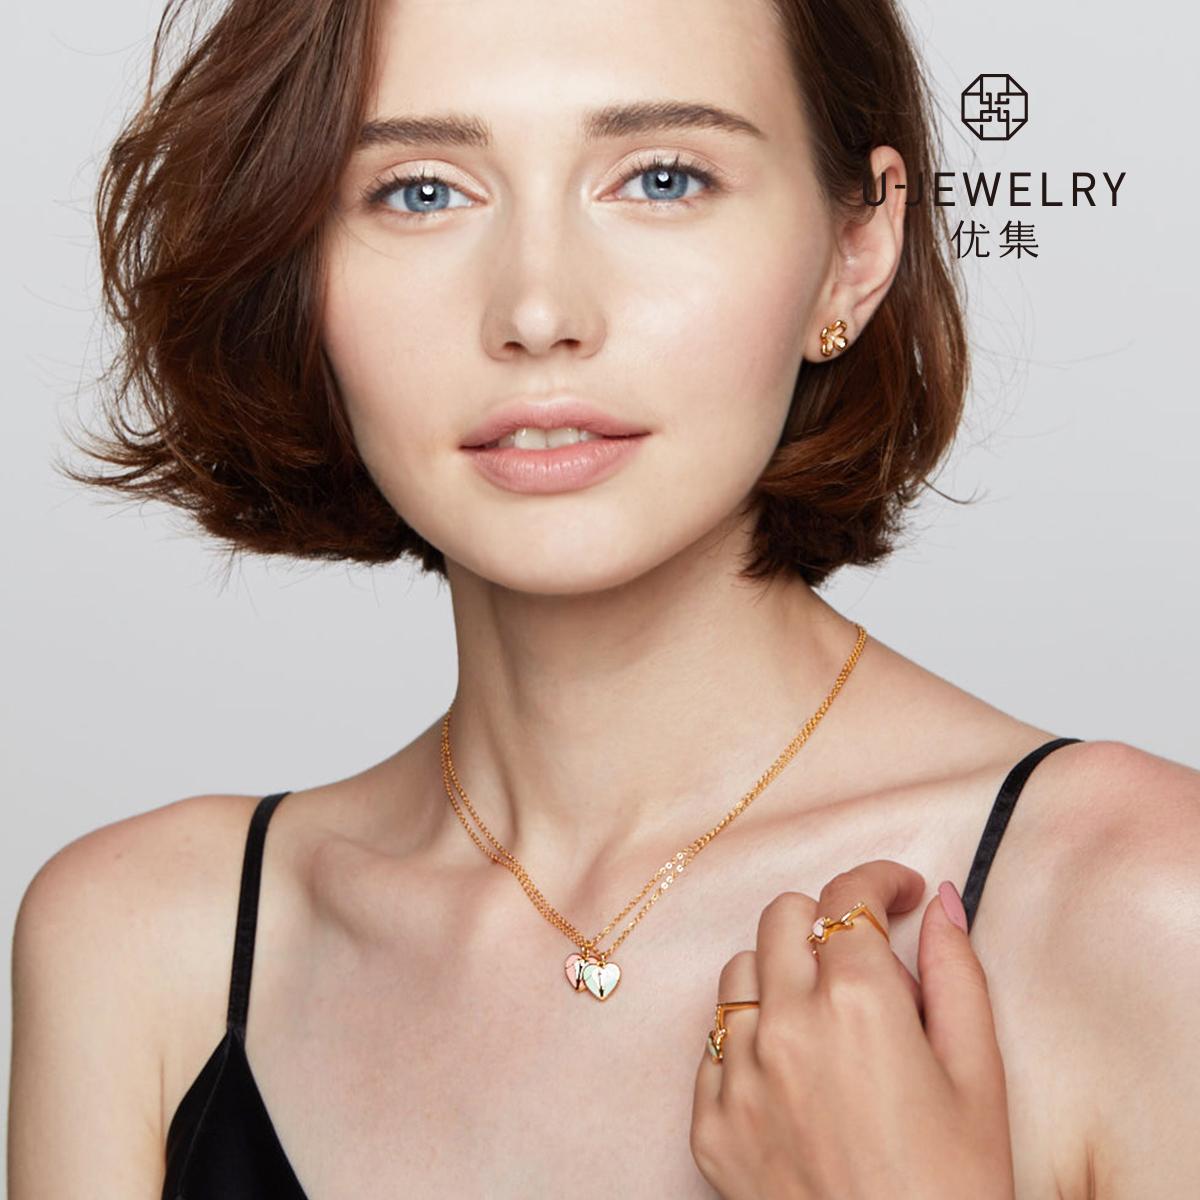 U Jewelry优集七夕限定款首饰礼盒套装